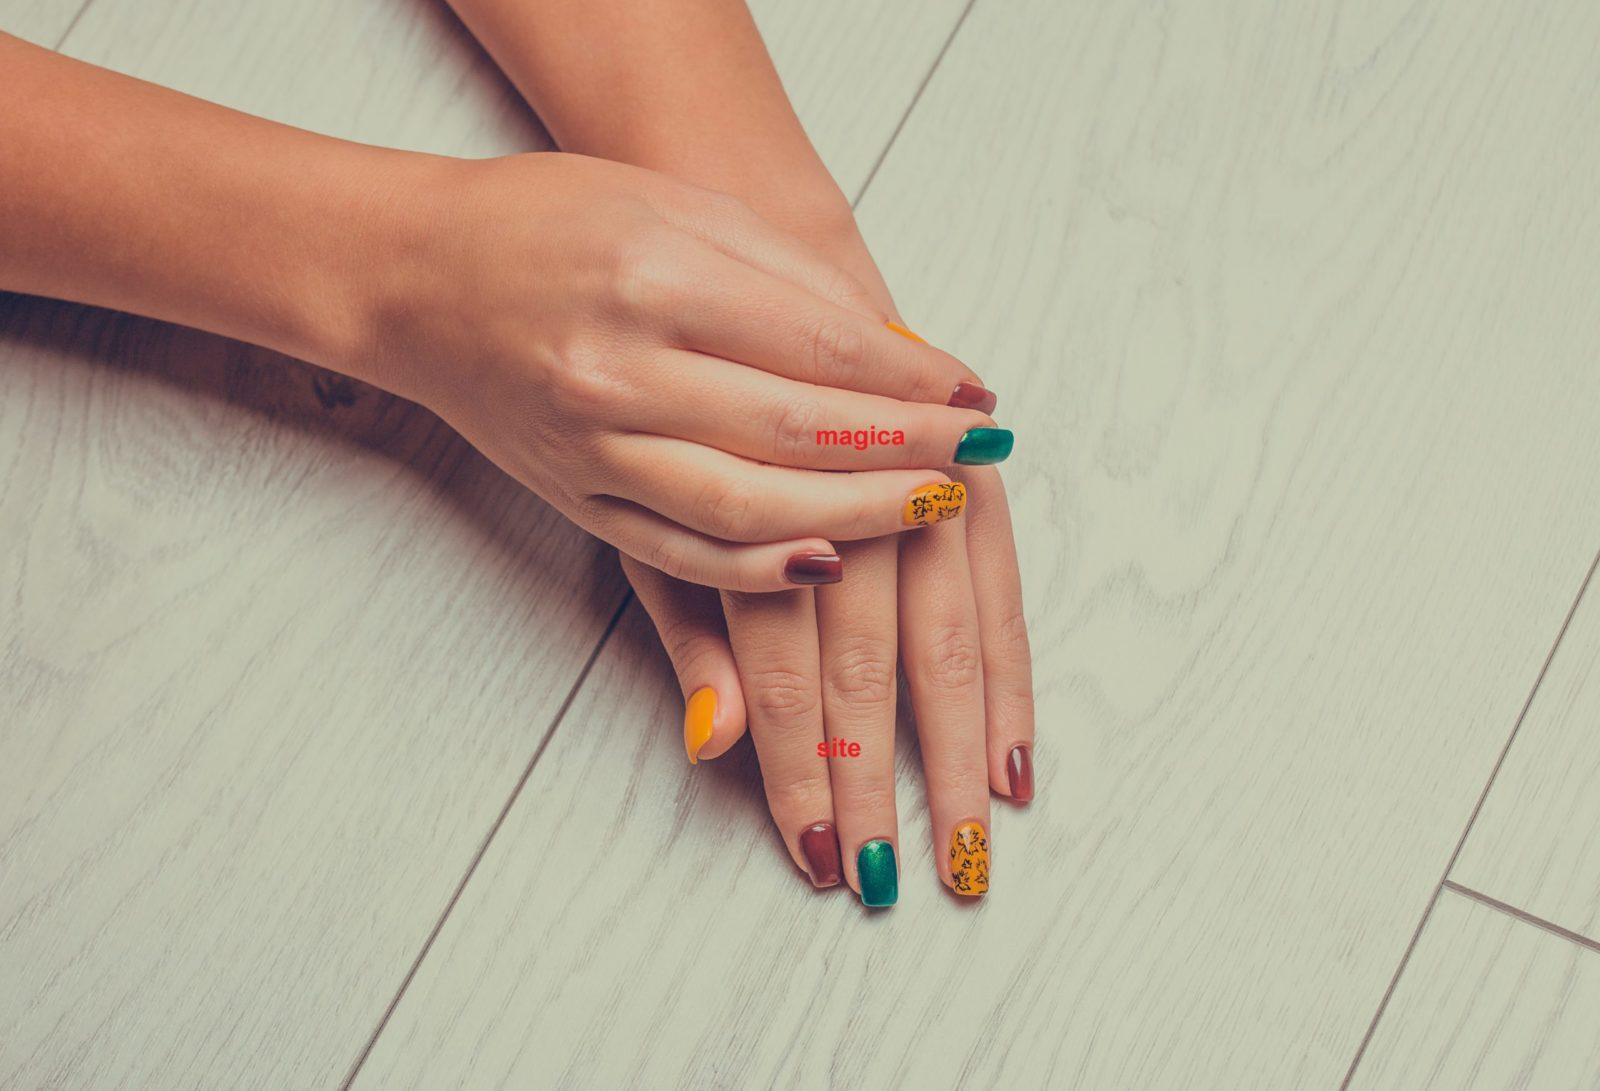 осенний маникюр, ногтевой дизайн, картинки на ногтях, маникюр с рисунками, комбинированный маникюр, разноцветные ногти, жёлтые ногти, зелёные ногти, листья на ногтях, ногтевой дизайн